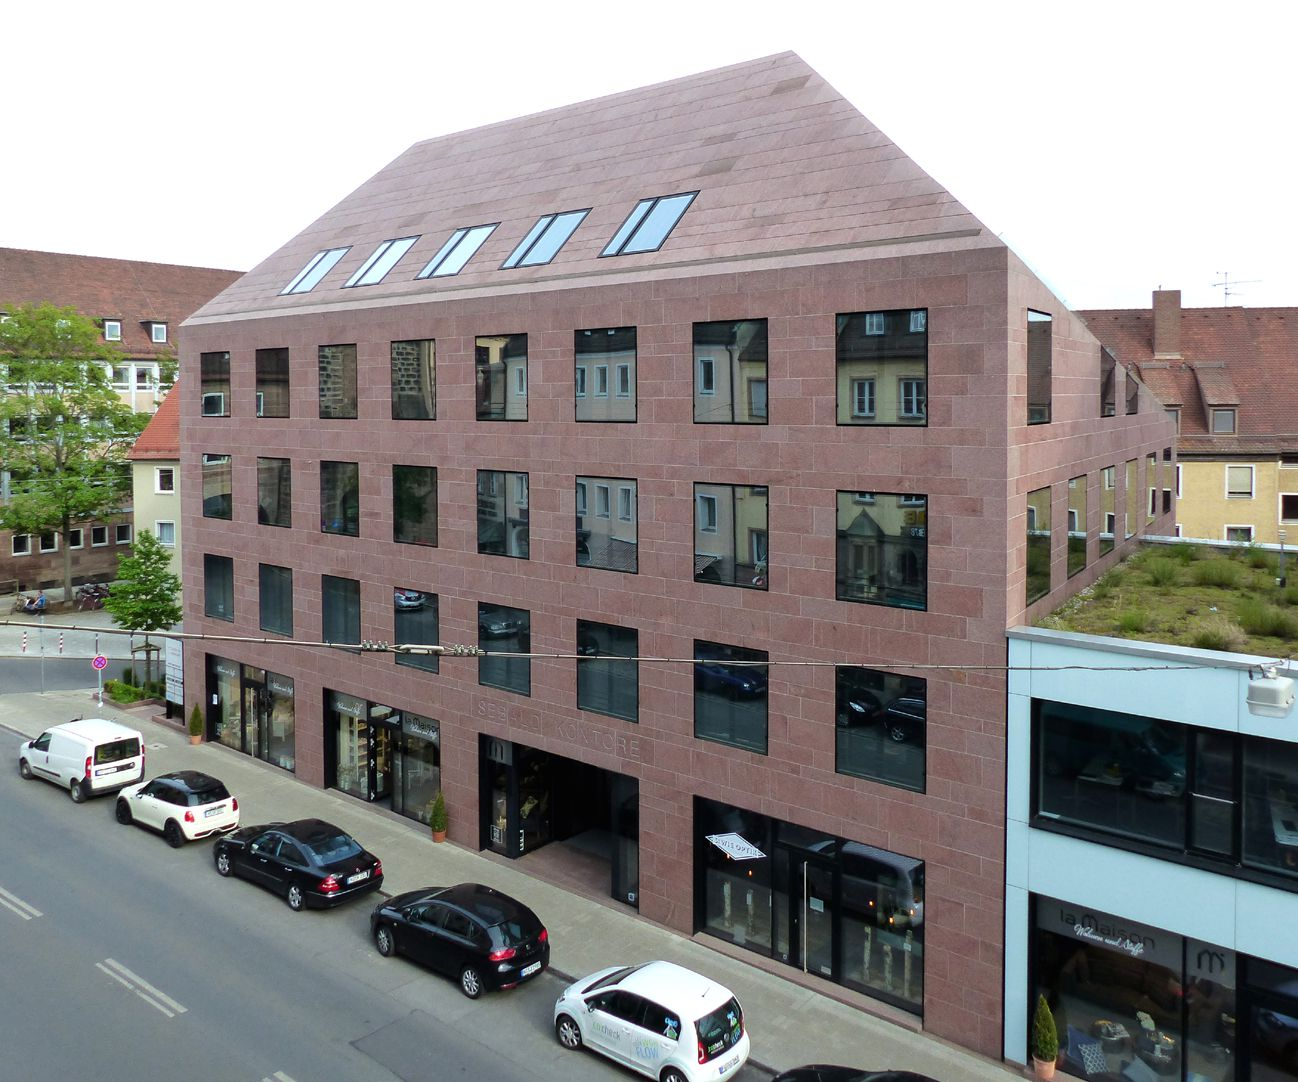 Sebalder Kontore Hauptfassade an der Inneren Laufer Gasse, Schrägansicht von Nordwest